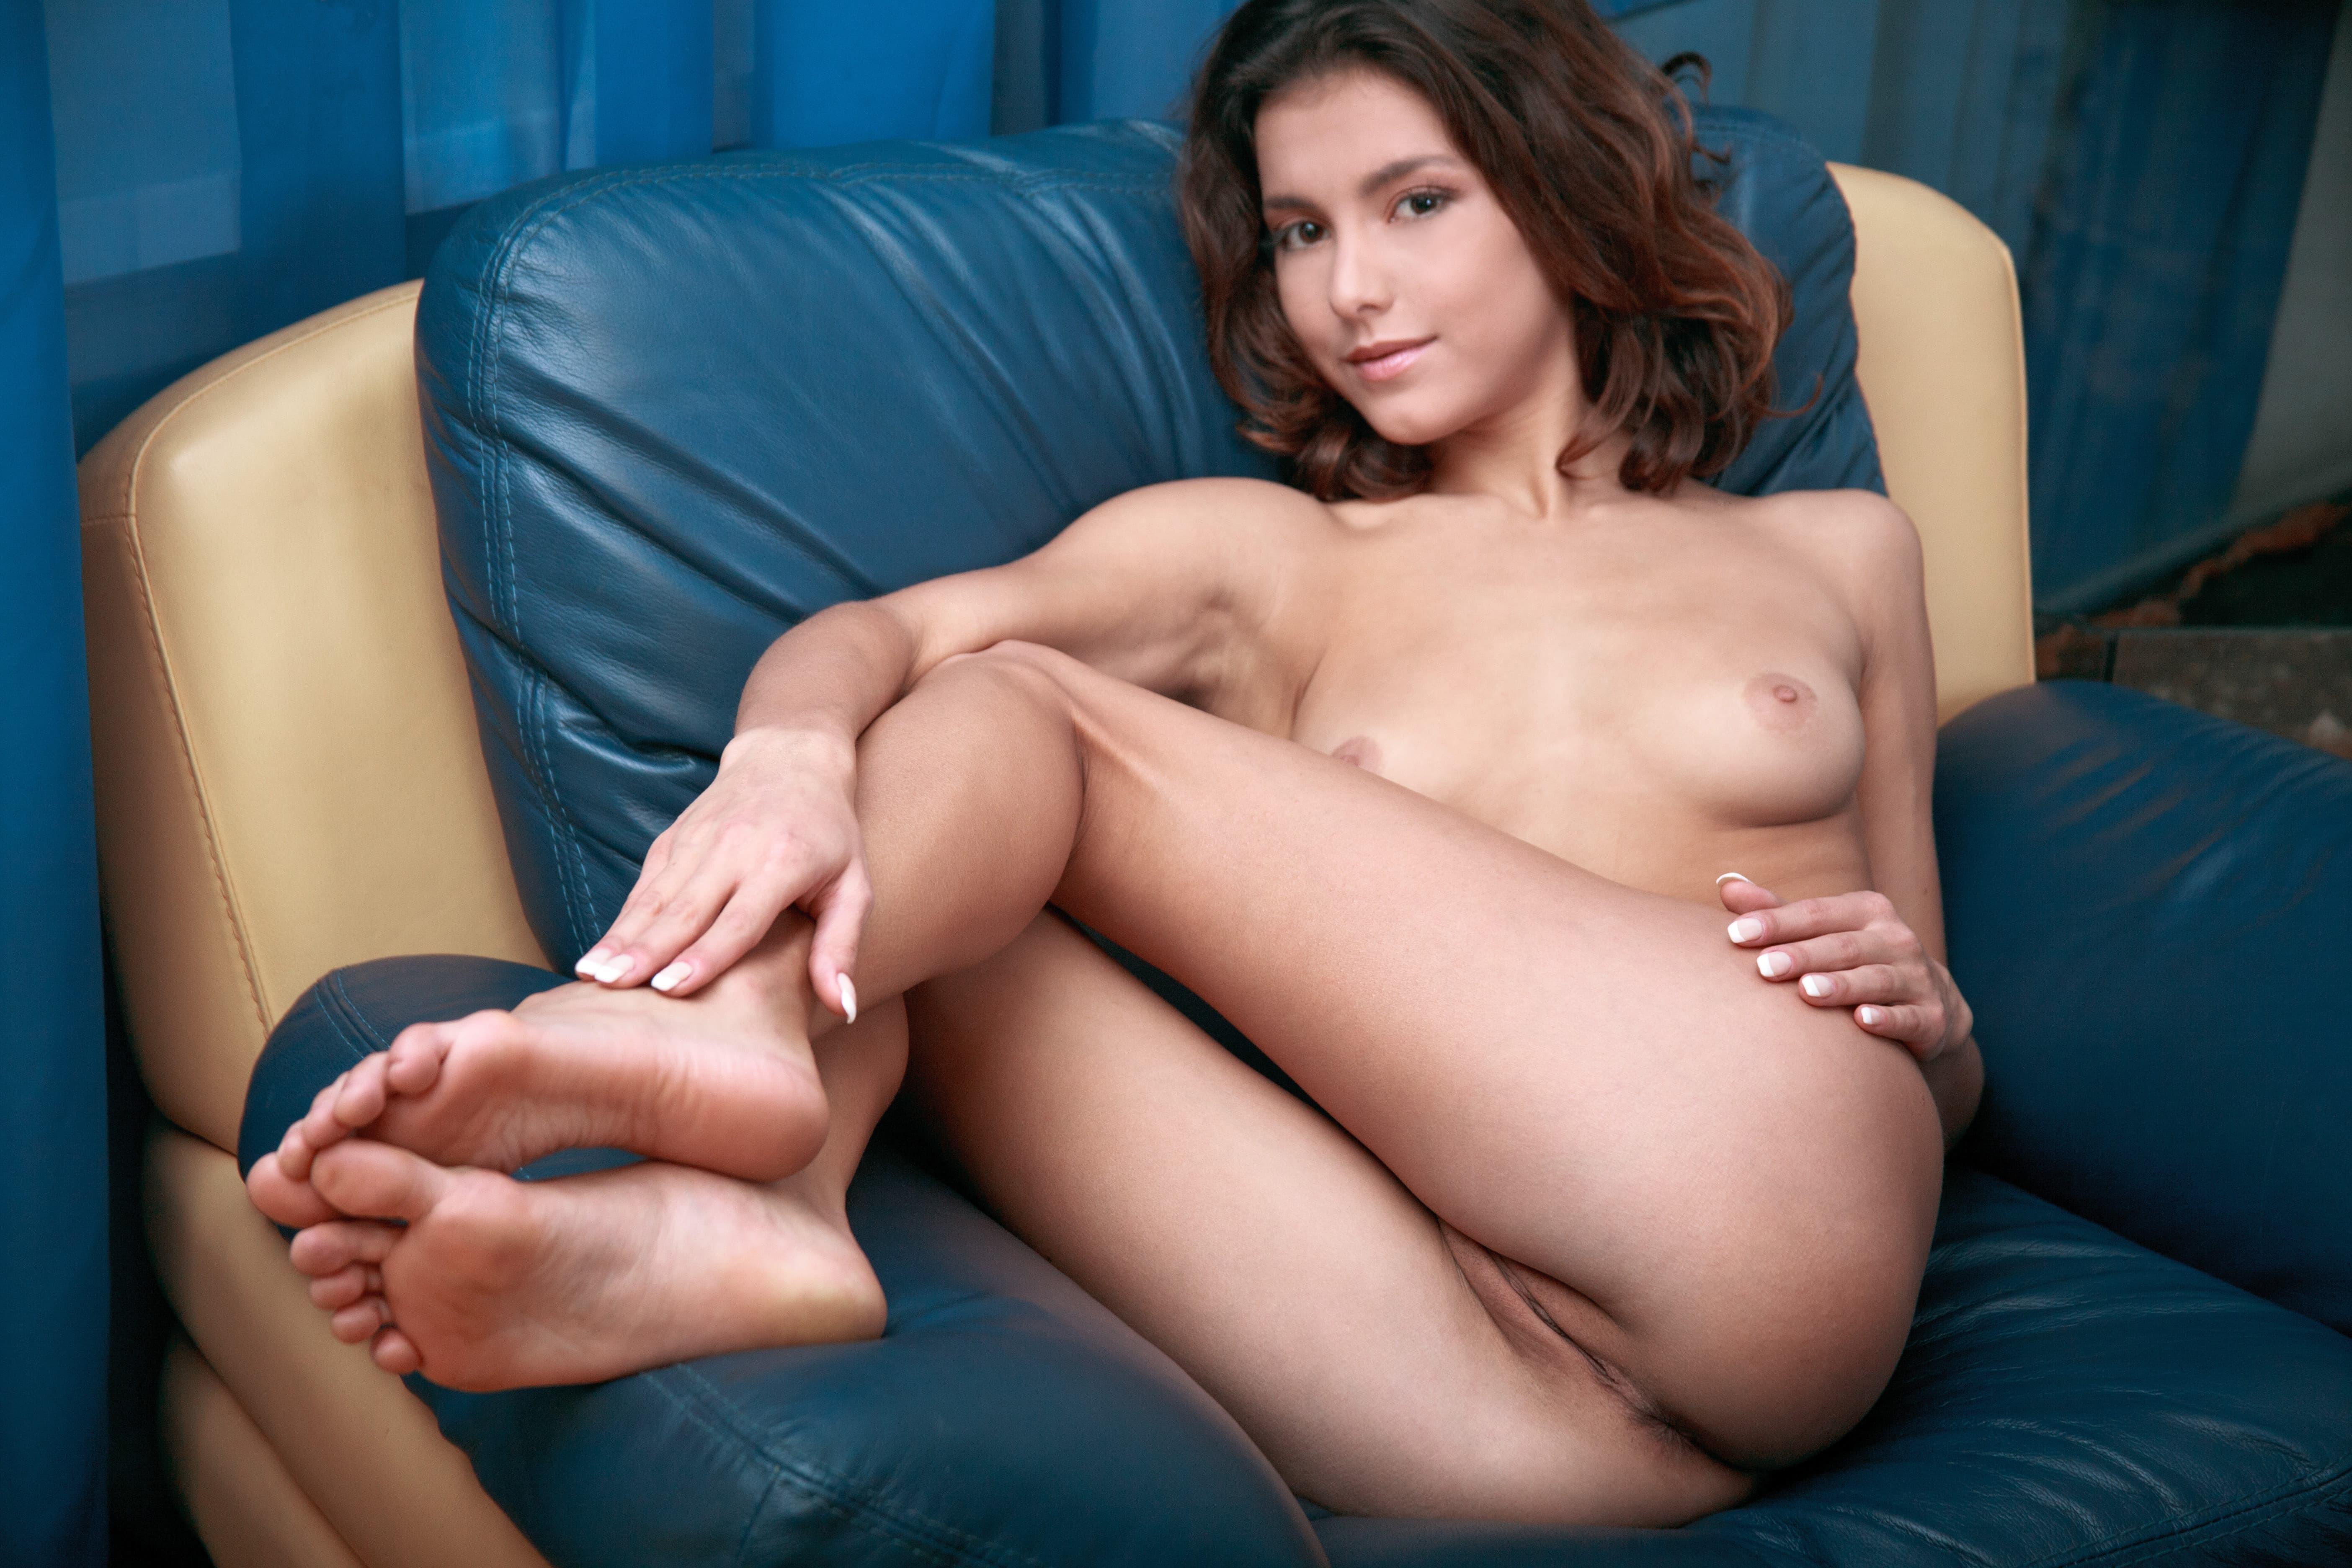 Худая девушка широко раздвигает ноги - фото